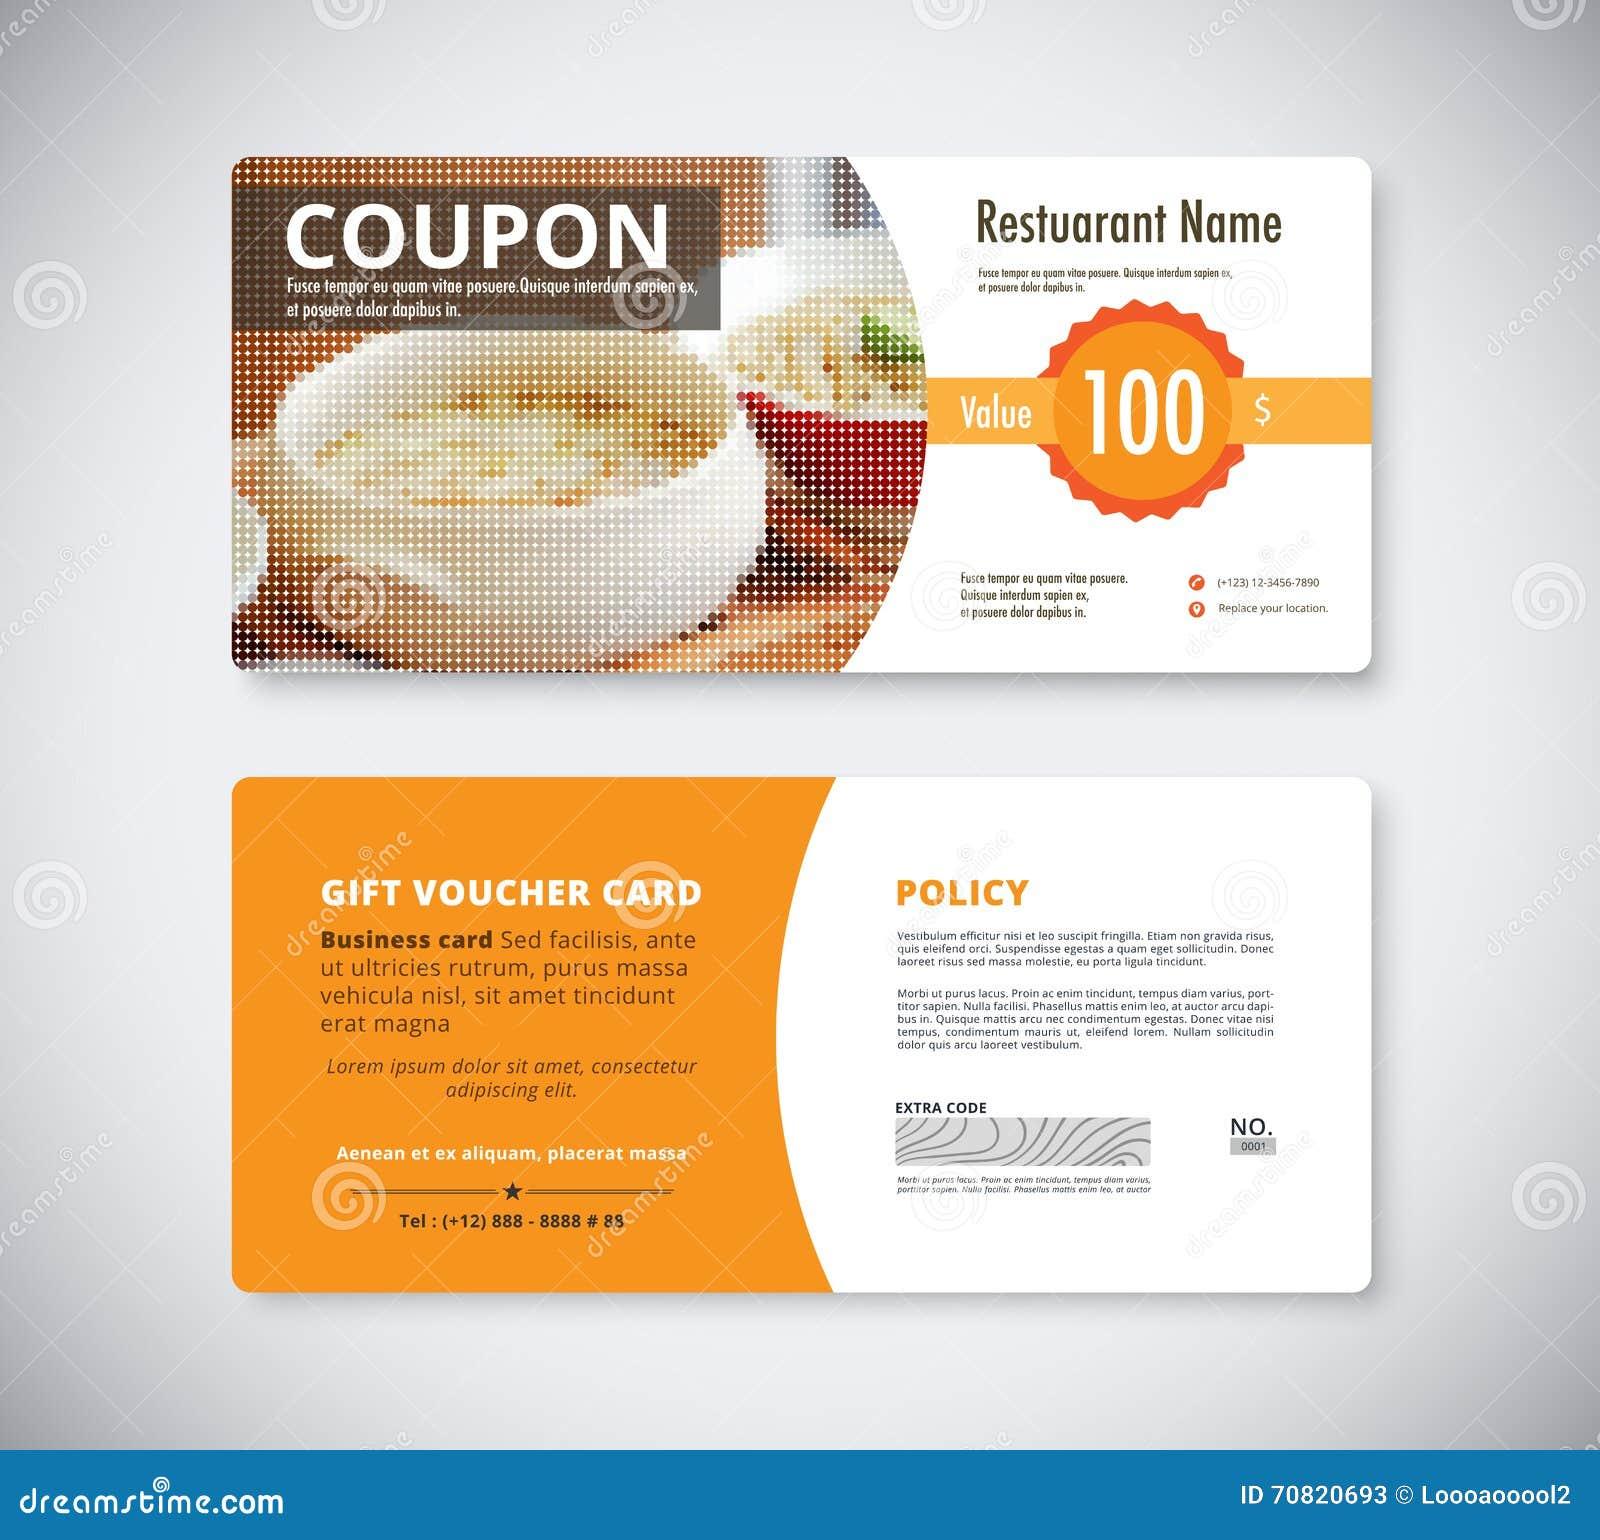 usa coupon printable shared hosting siteground